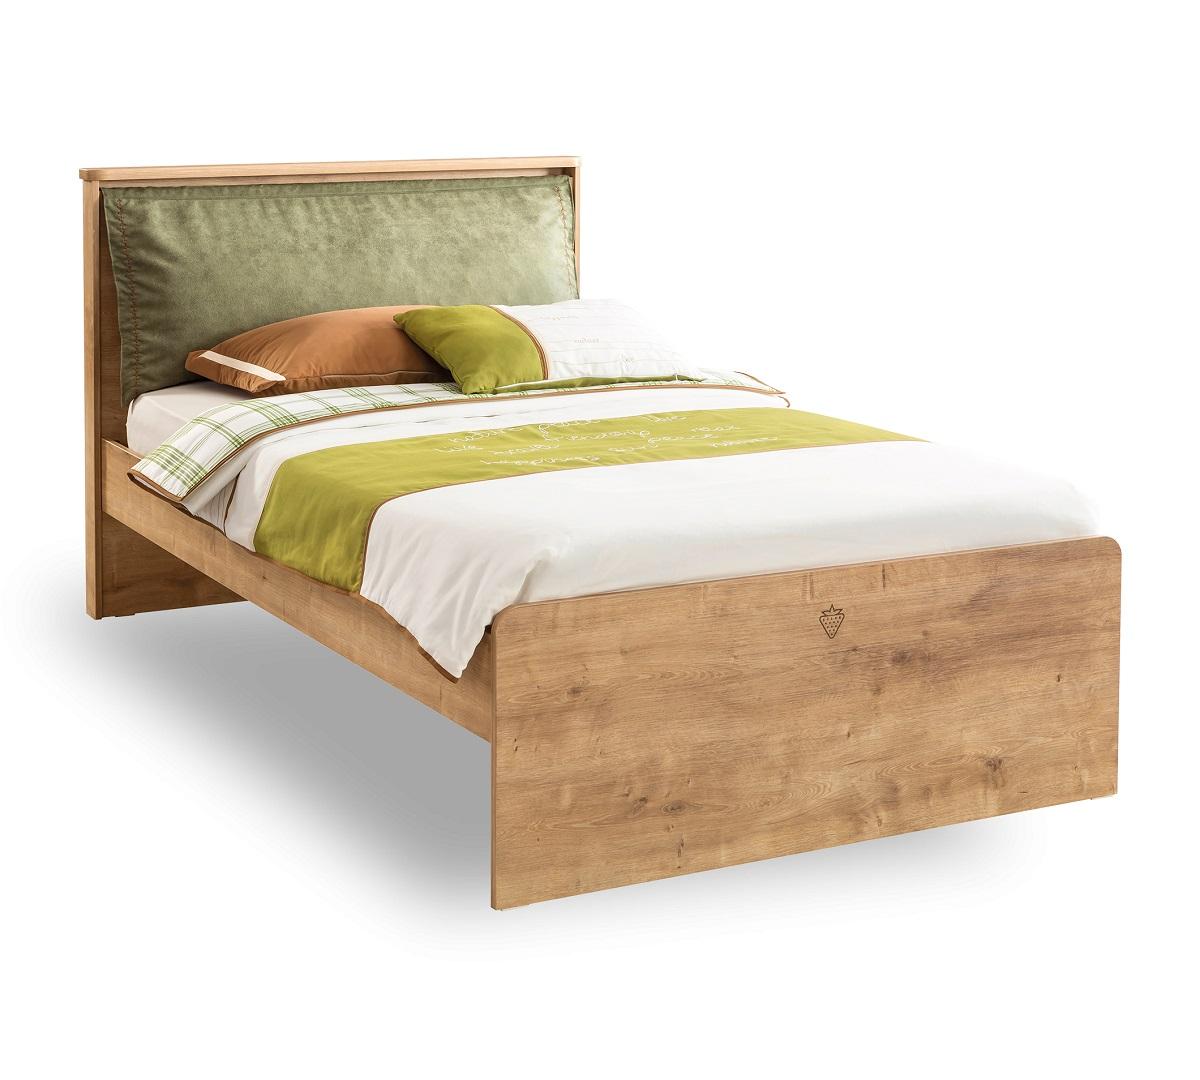 Full Size of Kinderbett 120x200 Holzoptik Online Kaufen Furnart Bett Mit Bettkasten Weiß Betten Matratze Und Lattenrost Wohnzimmer Kinderbett 120x200